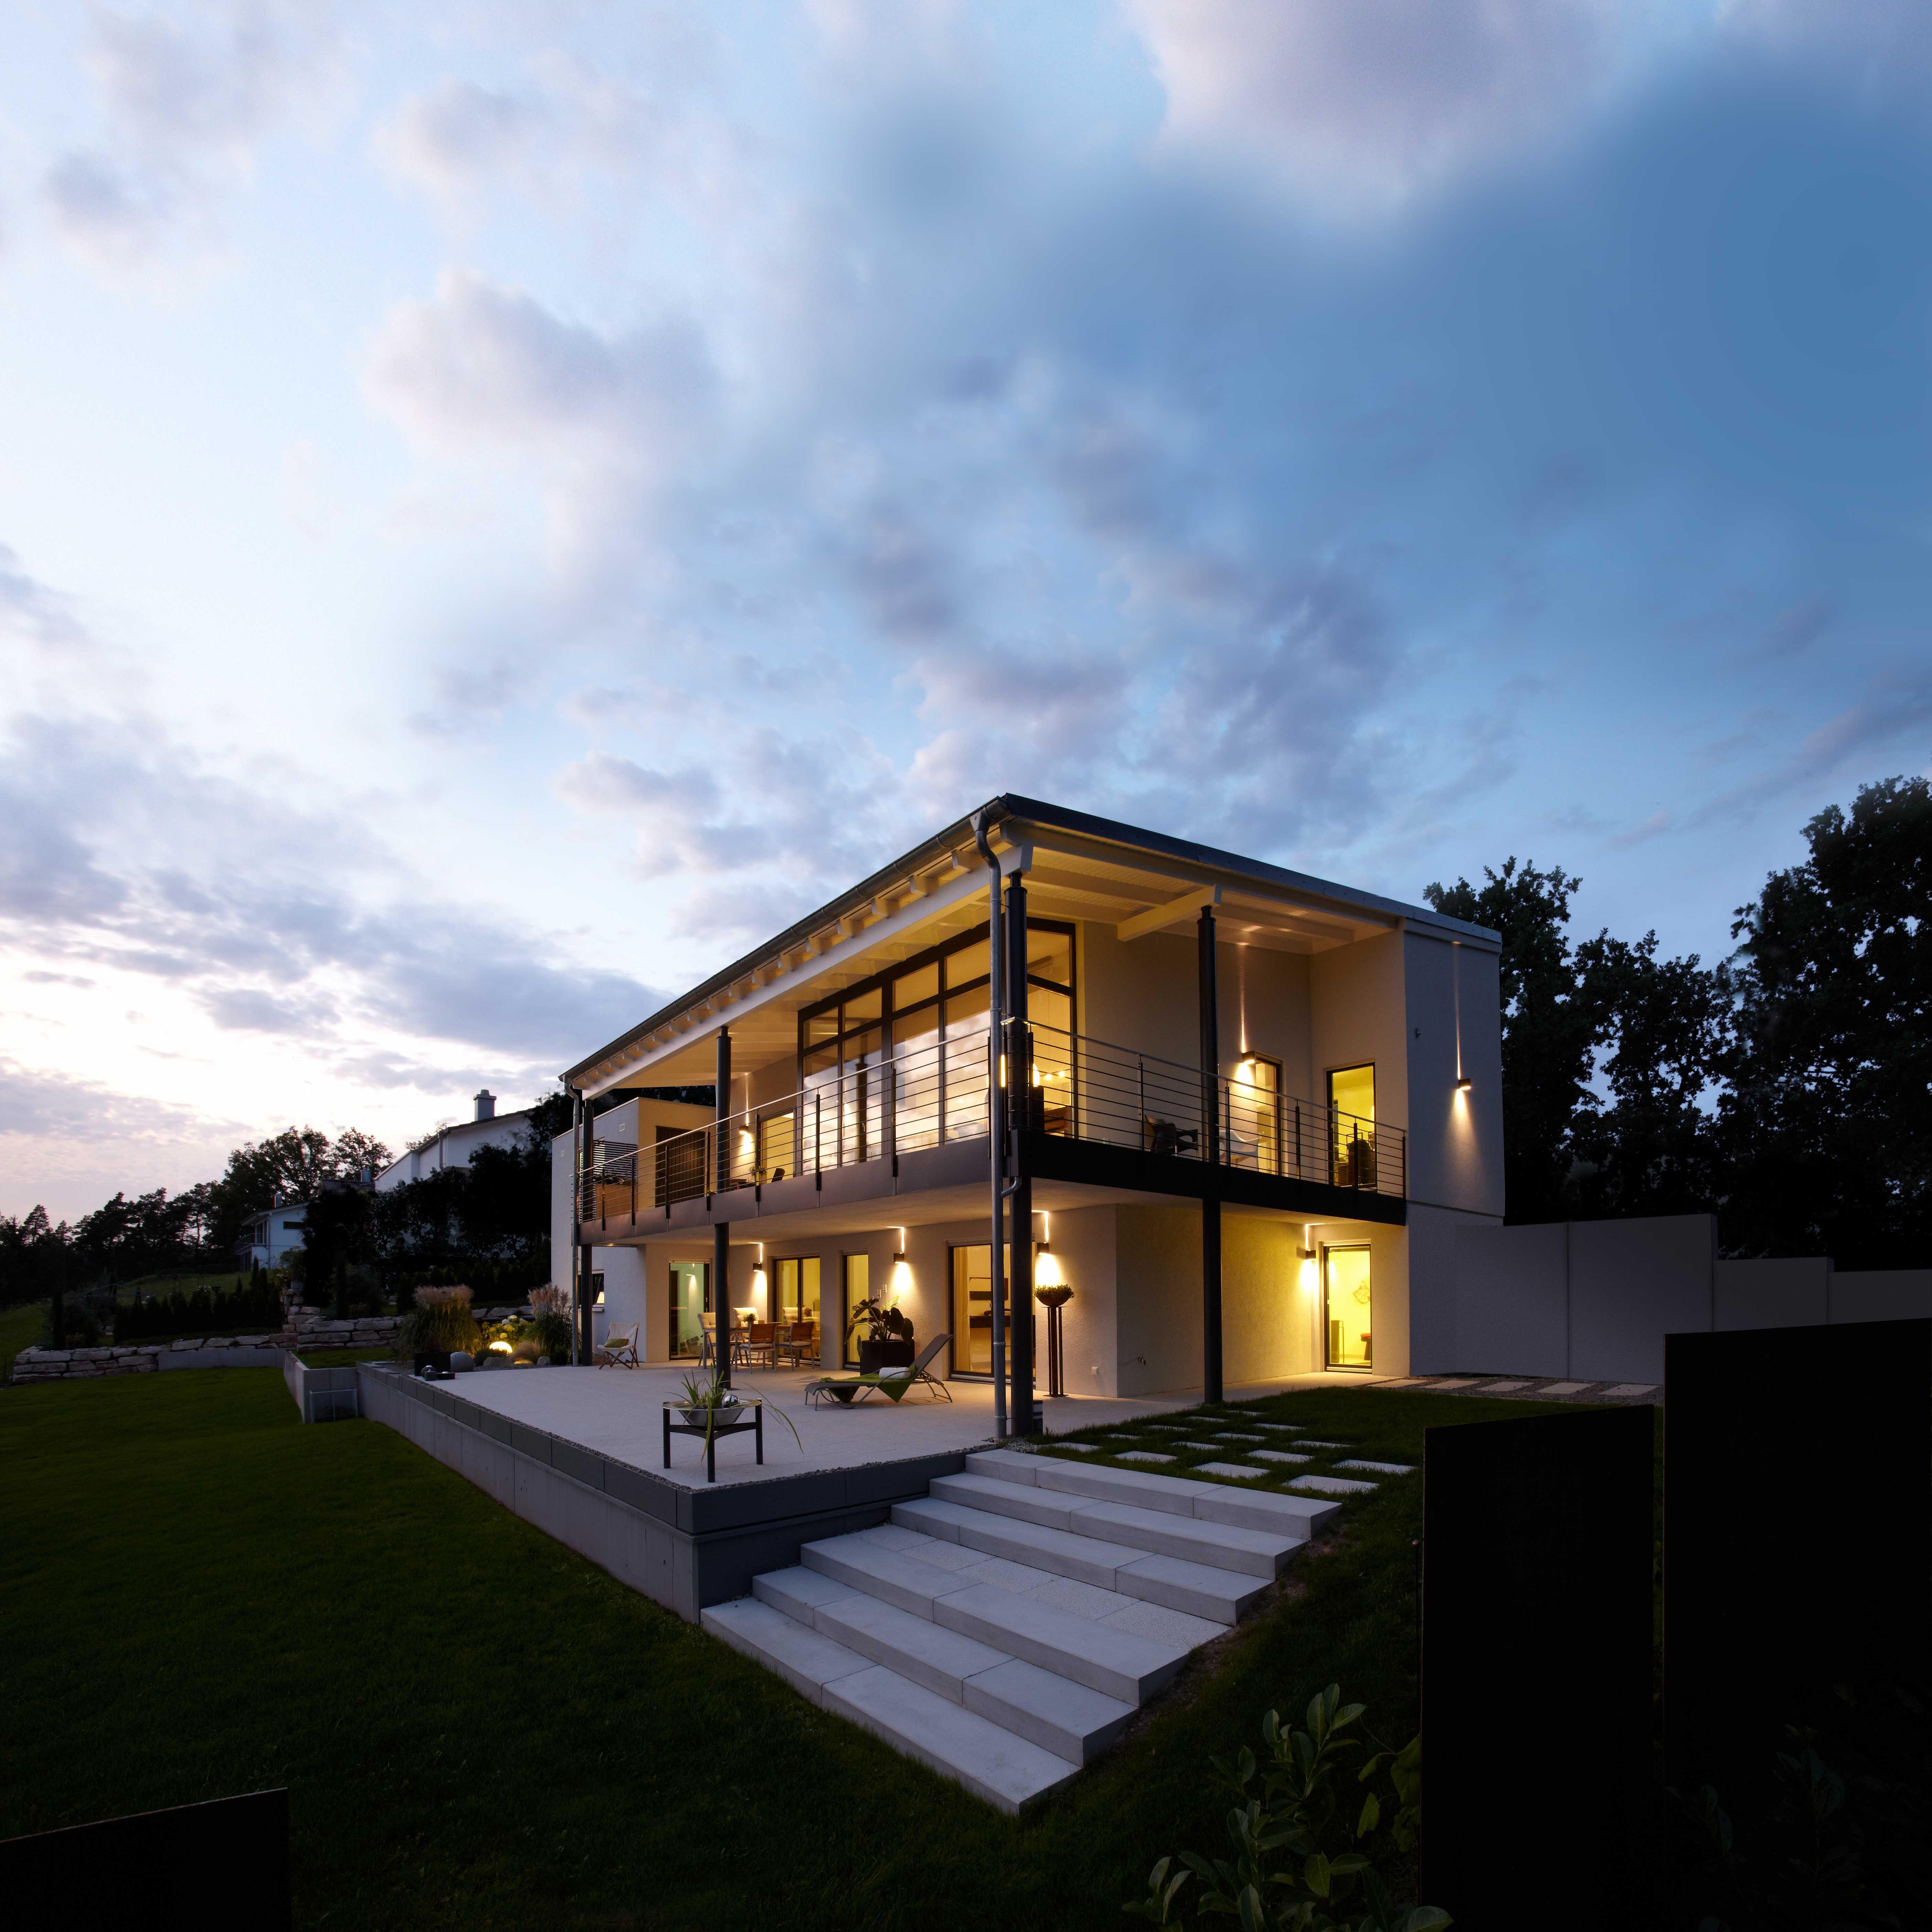 r ckansicht des luxus fertighaus bei nacht einfamilienhaus exklusiver ausblick hanghaus in. Black Bedroom Furniture Sets. Home Design Ideas